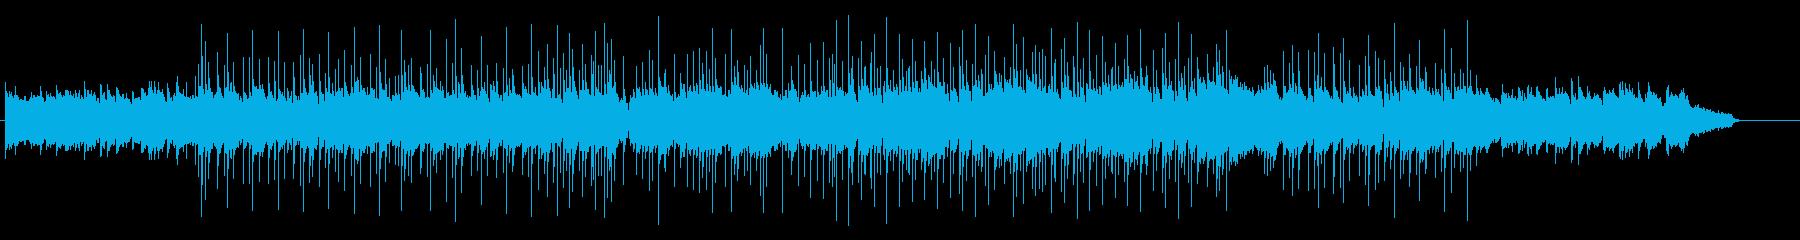 おだやかで粋なミディアム・バラードの再生済みの波形